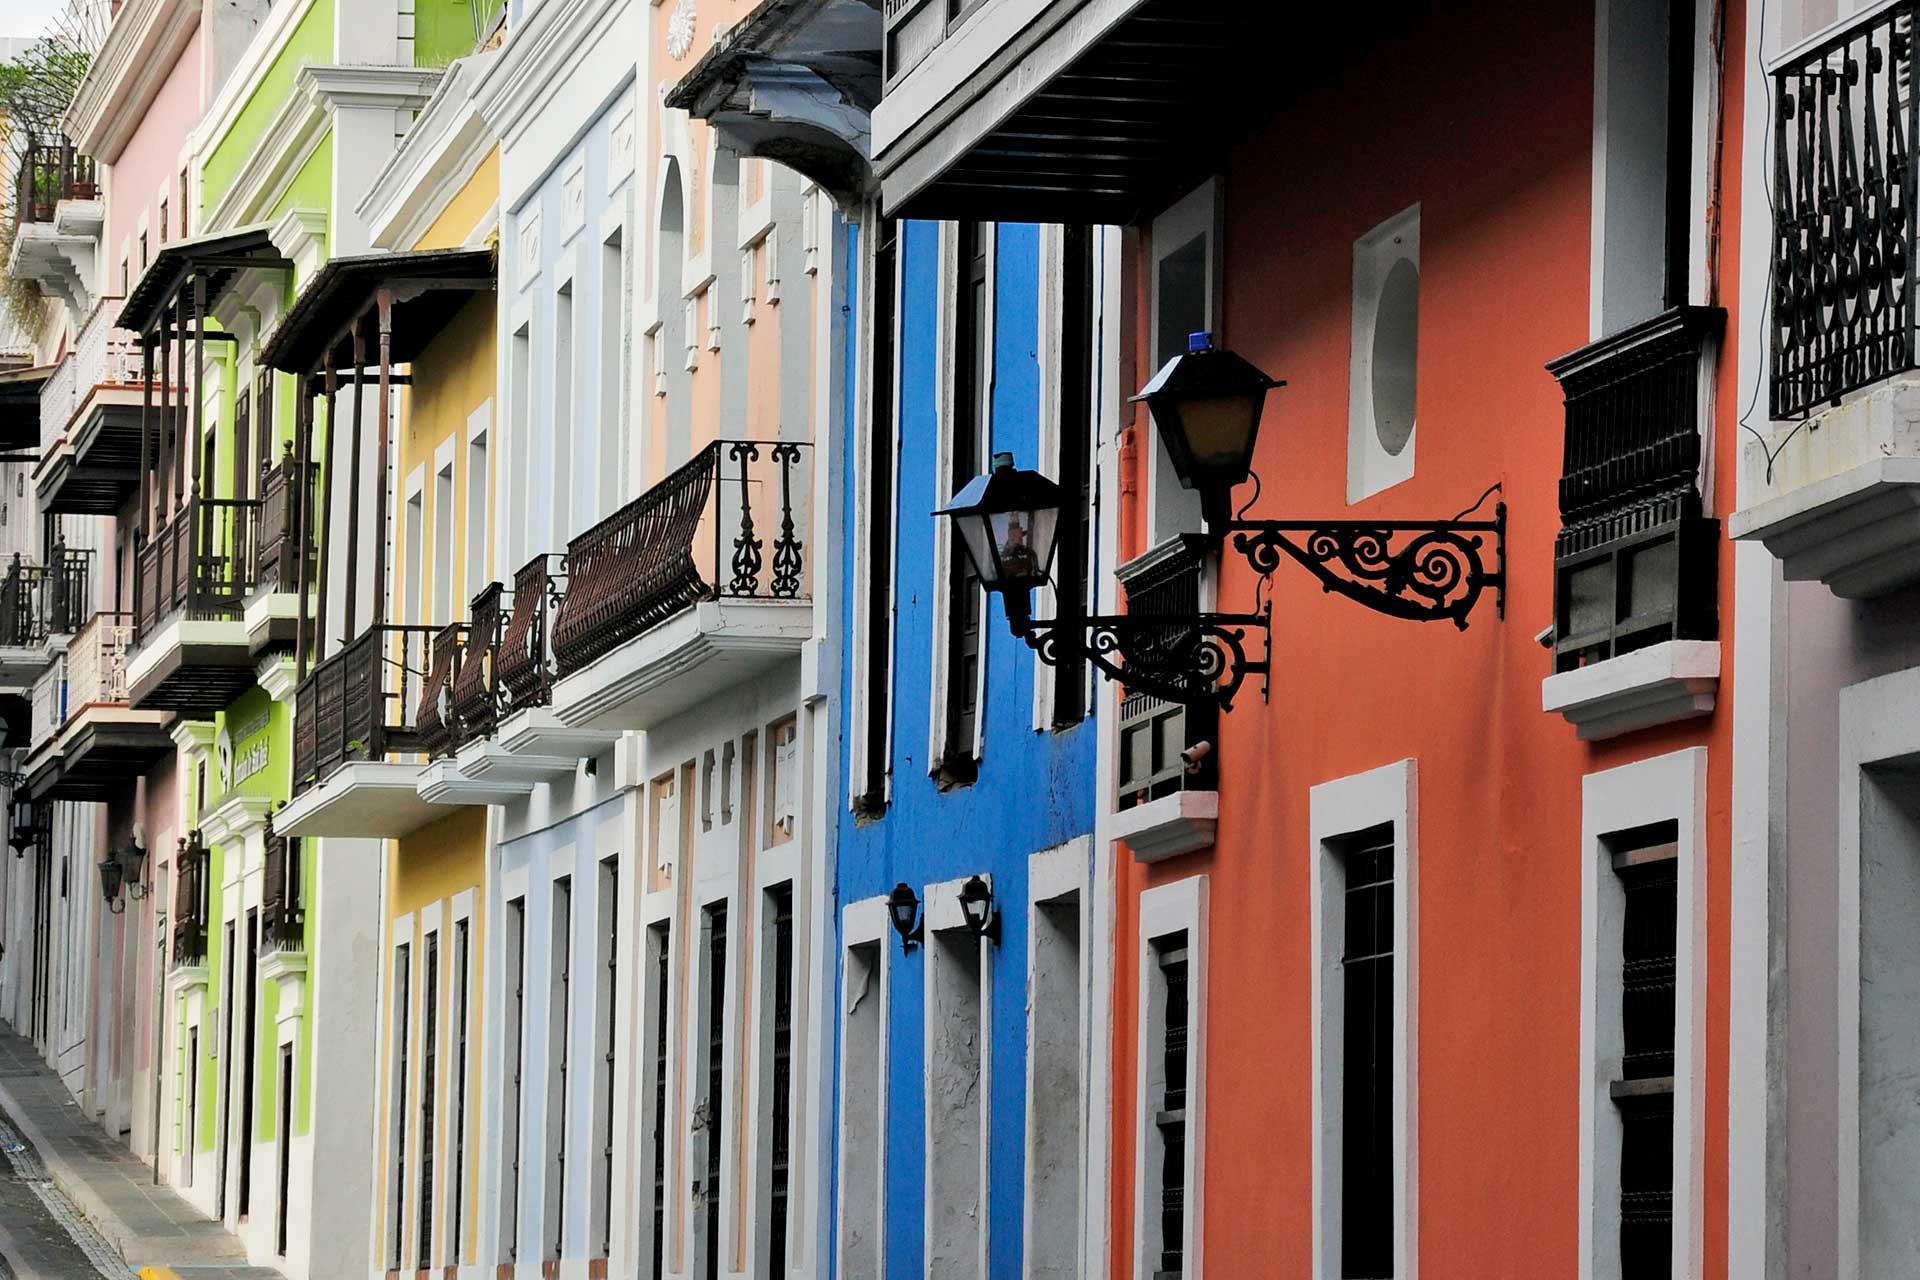 Puerto Rico Economy